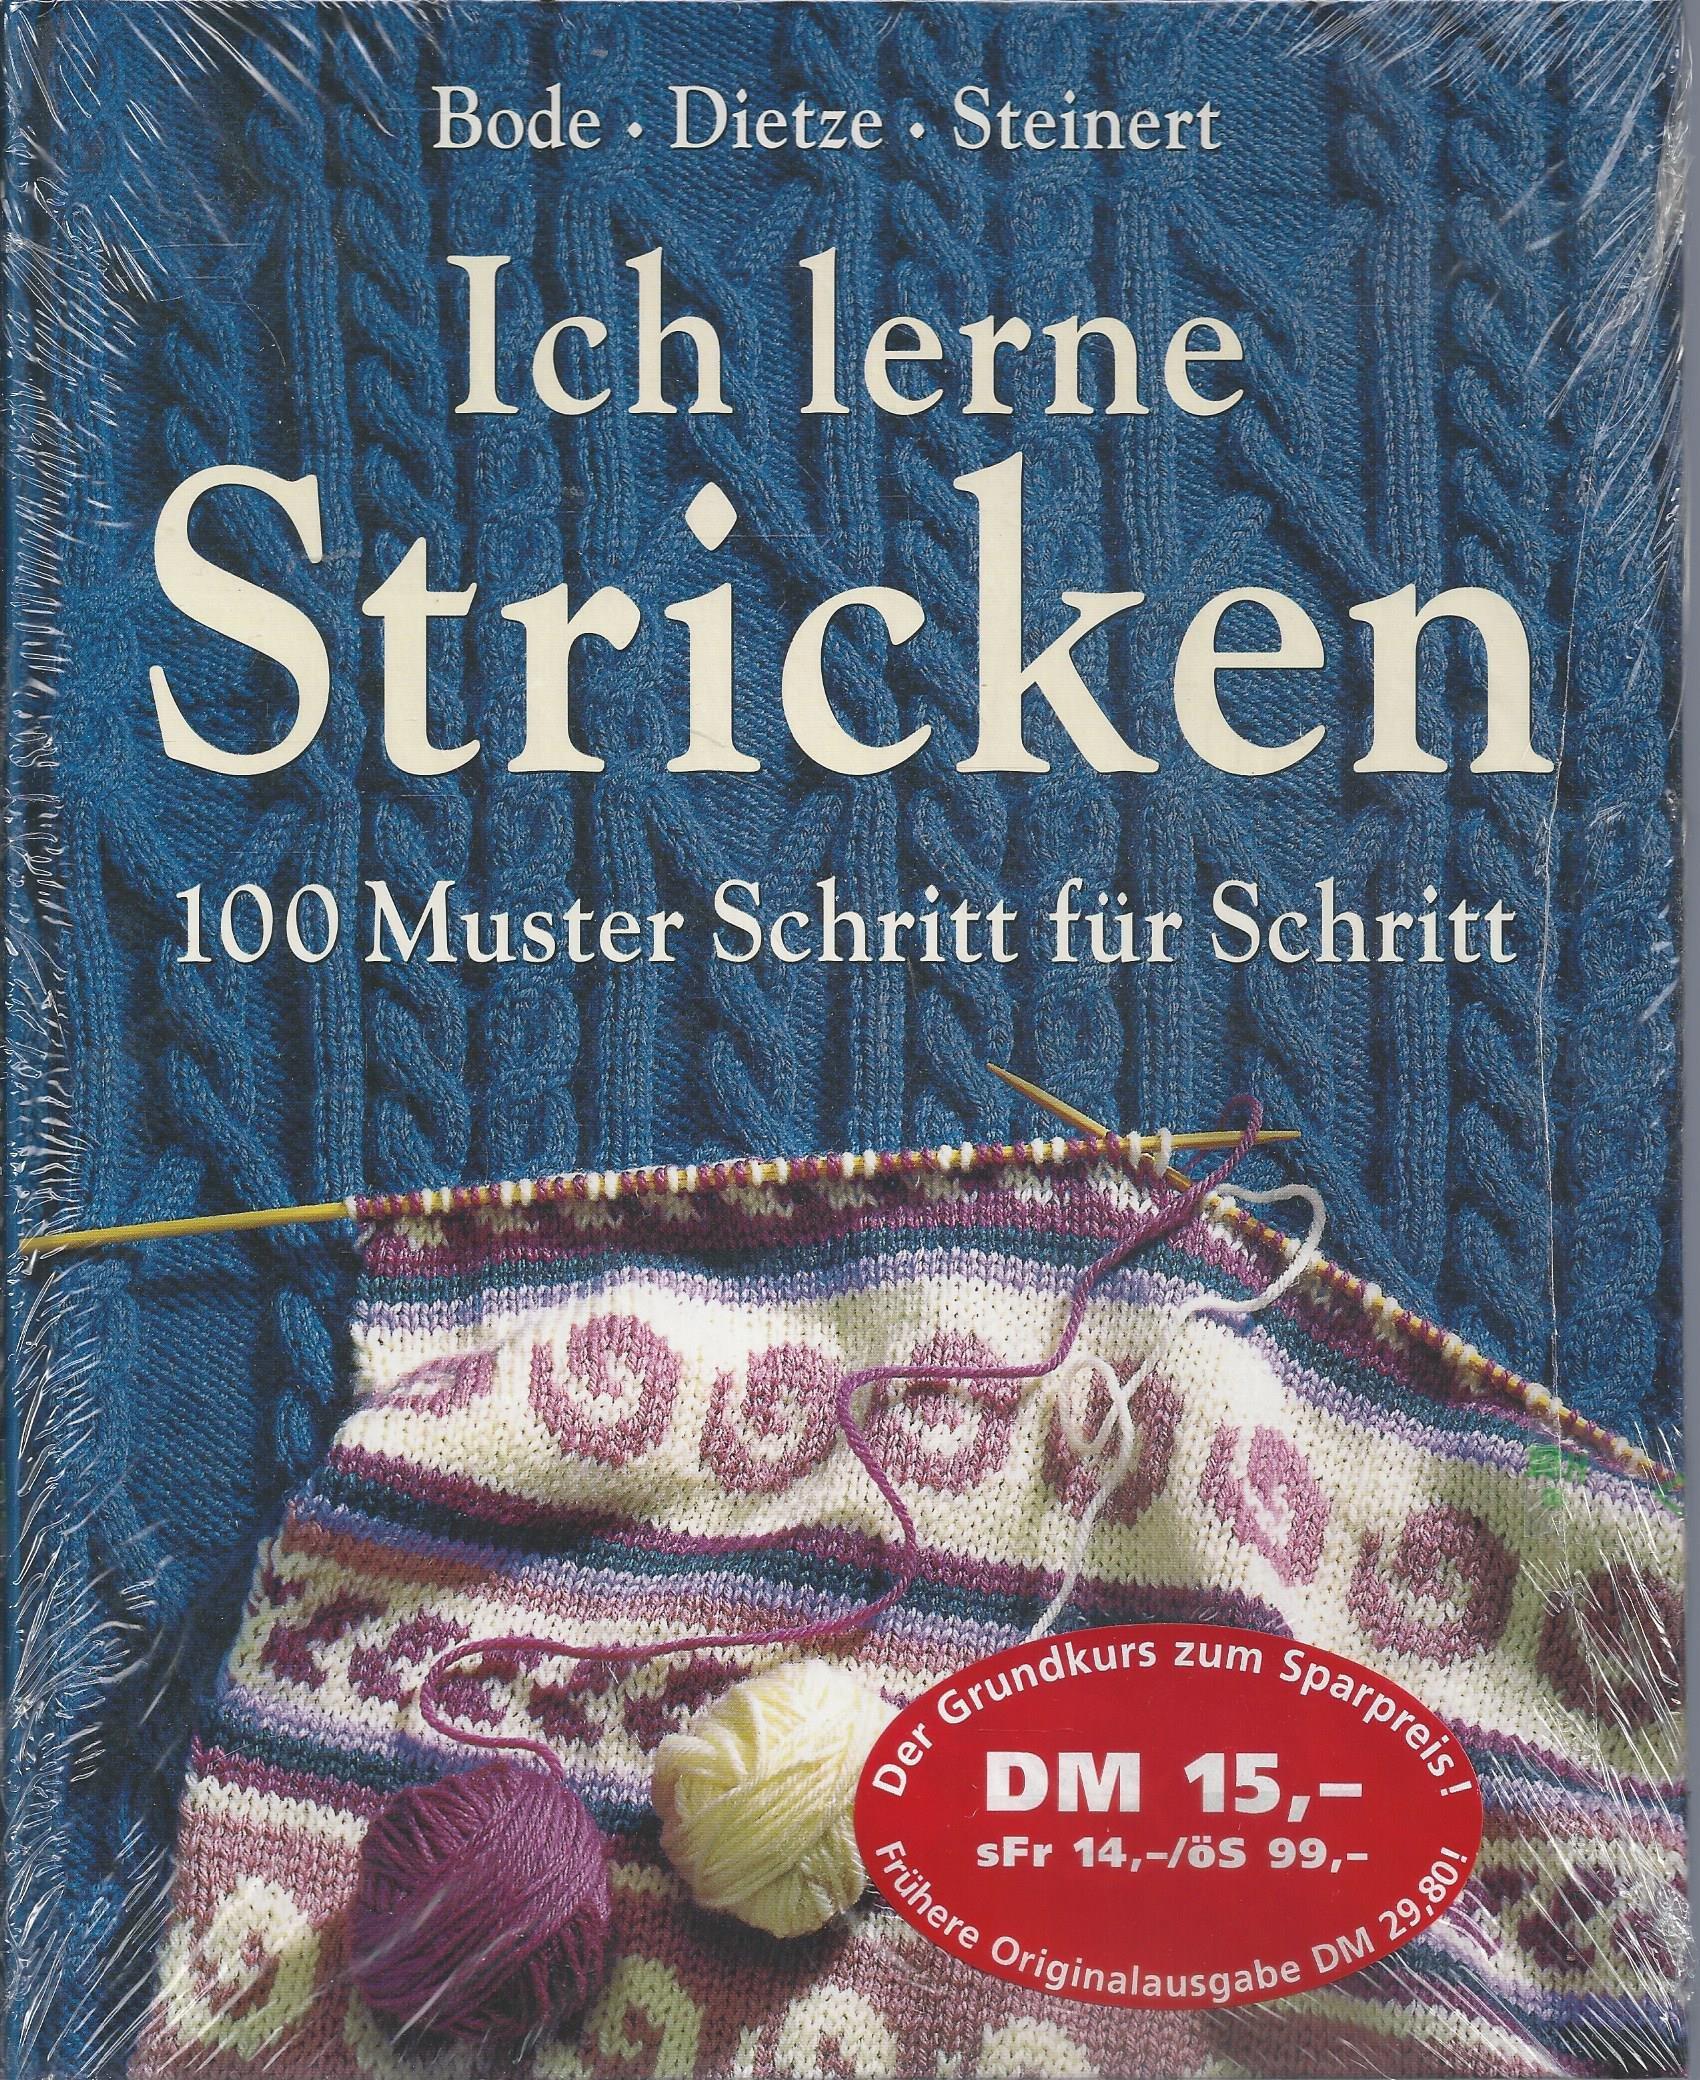 Ich lerne Stricken - 100 Muster Schritt für Schritt